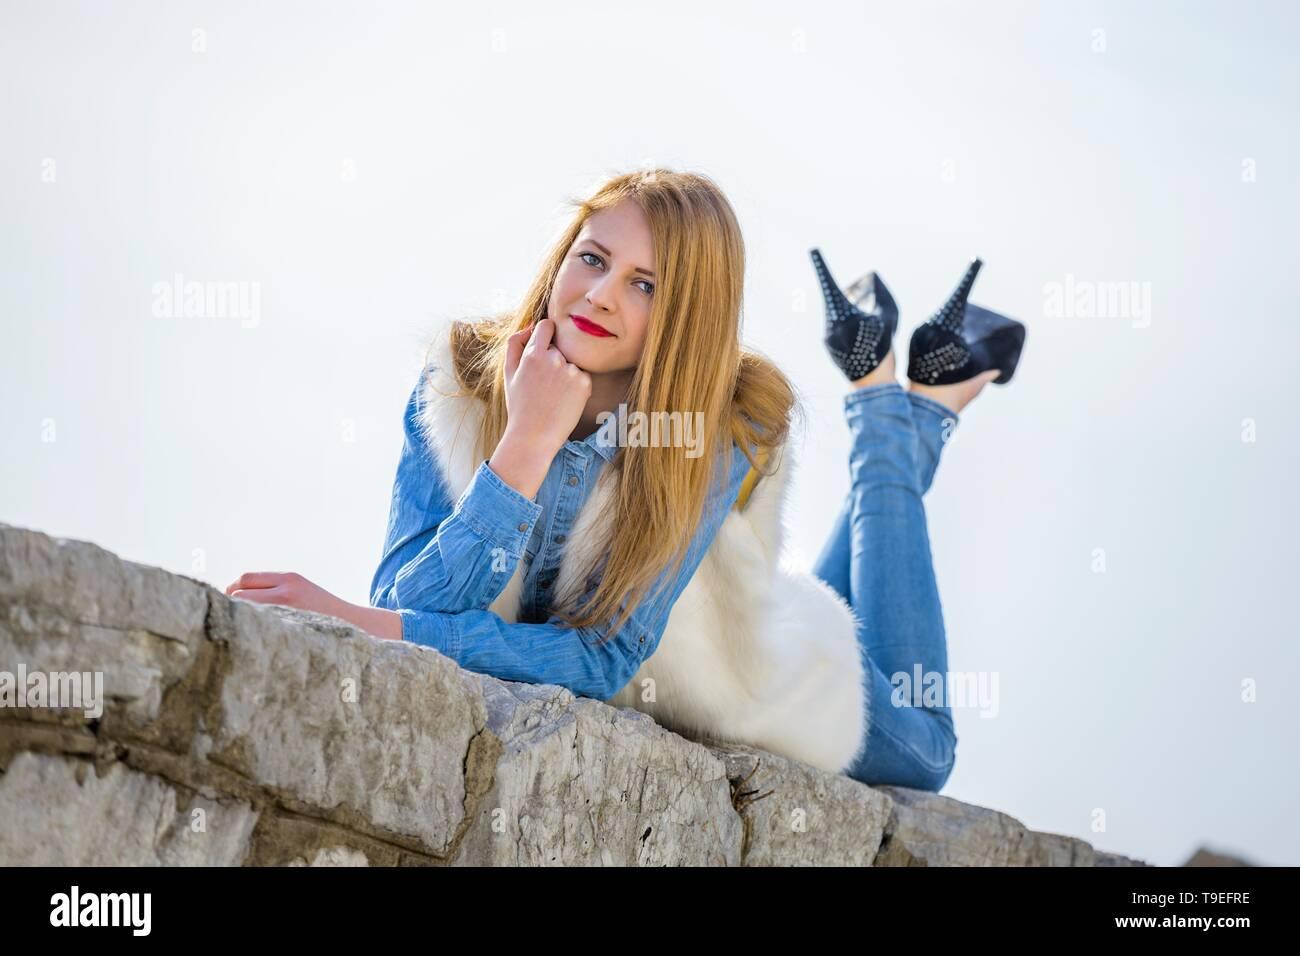 Teen girl crossed-legs Black heels pumps trousers - Stock Image